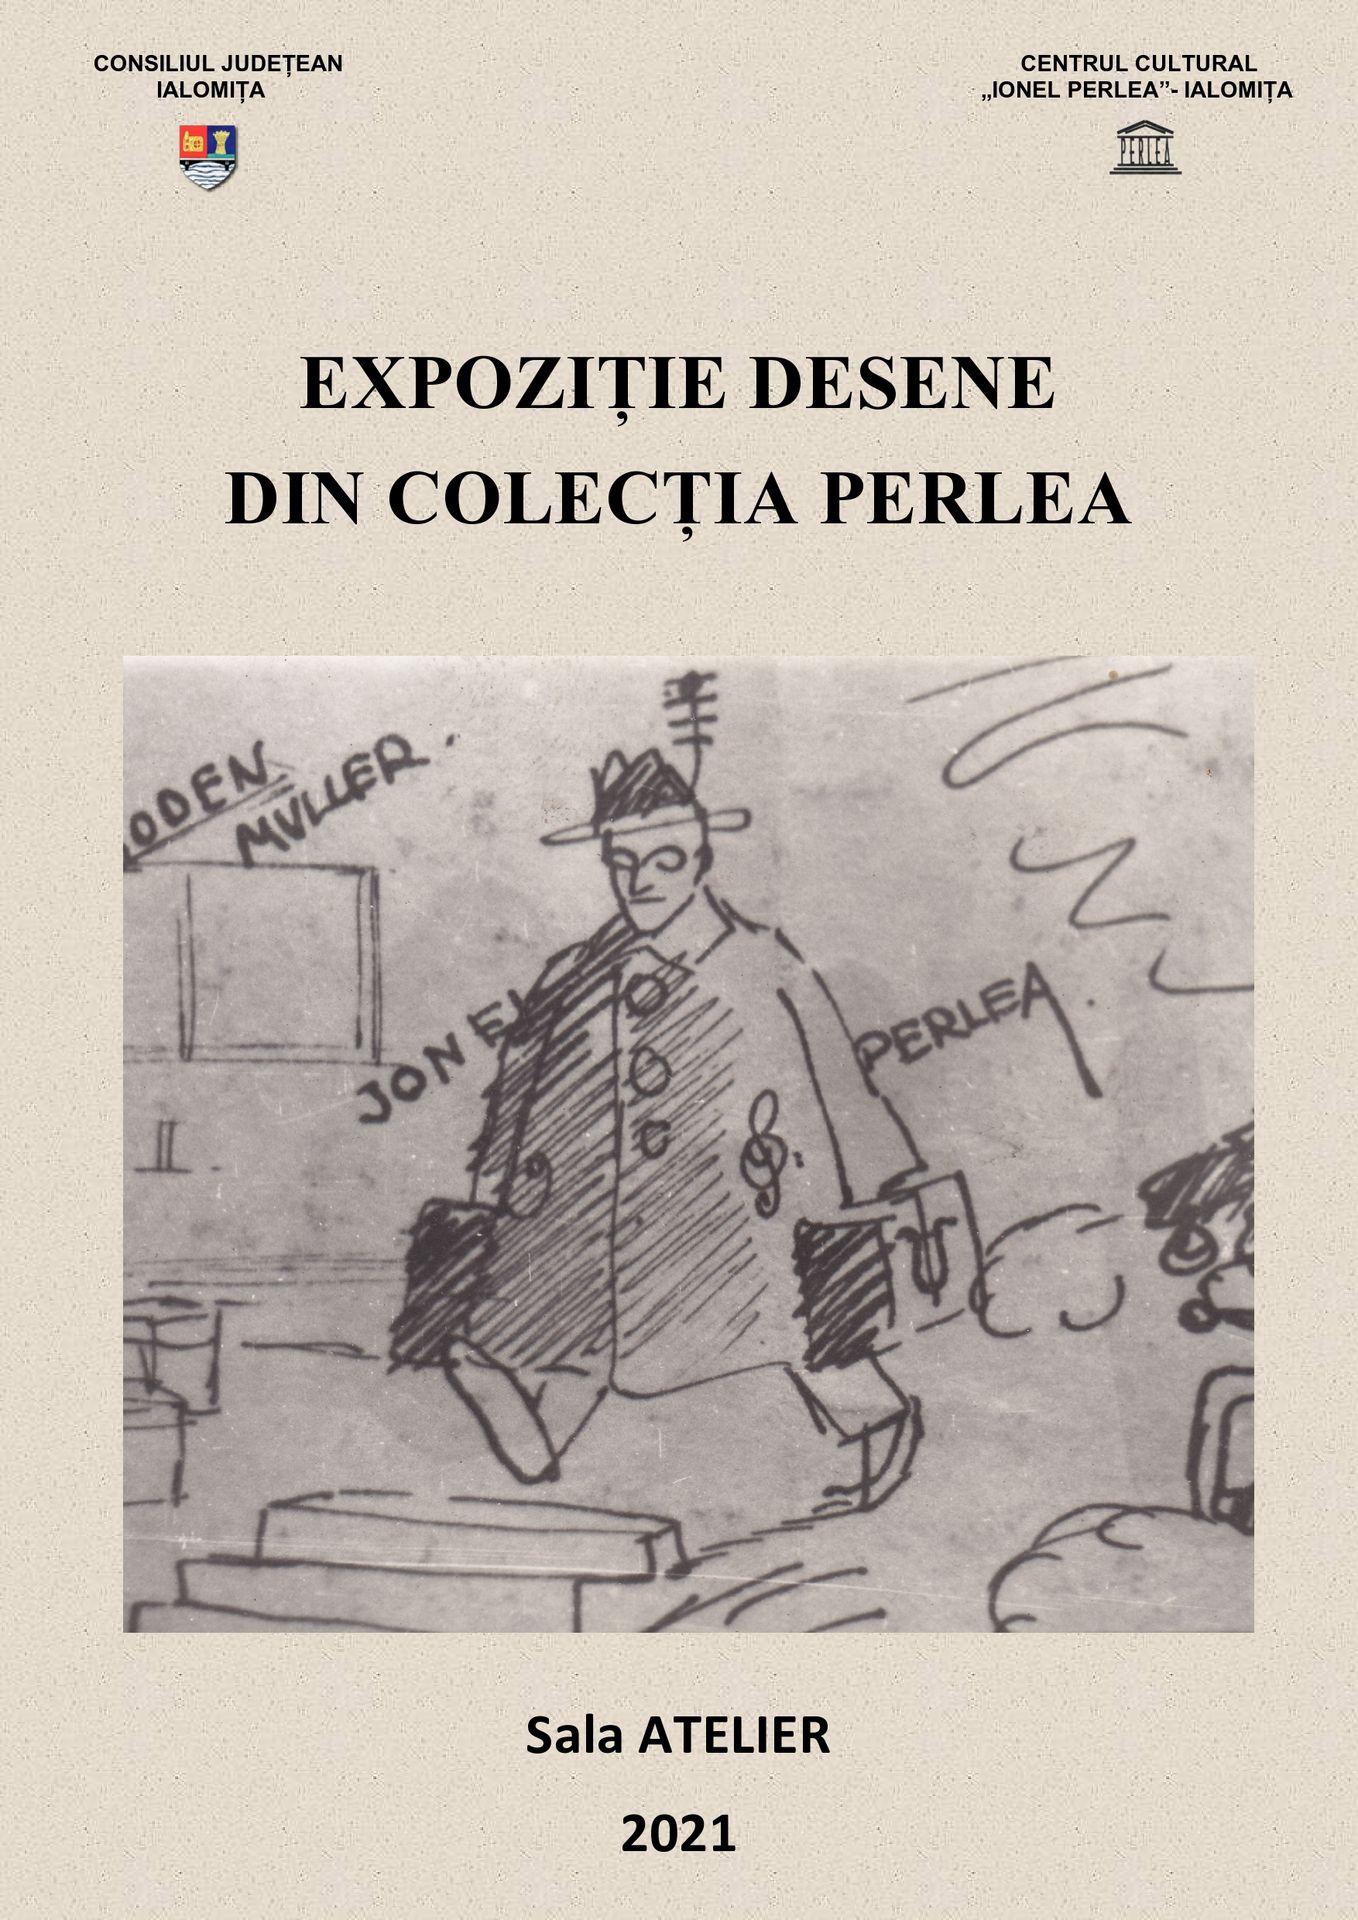 """Expoziţie desene din colecţia Perlea, Sala Atelier, Centrul Cultural ,,Ionel Perlea"""""""